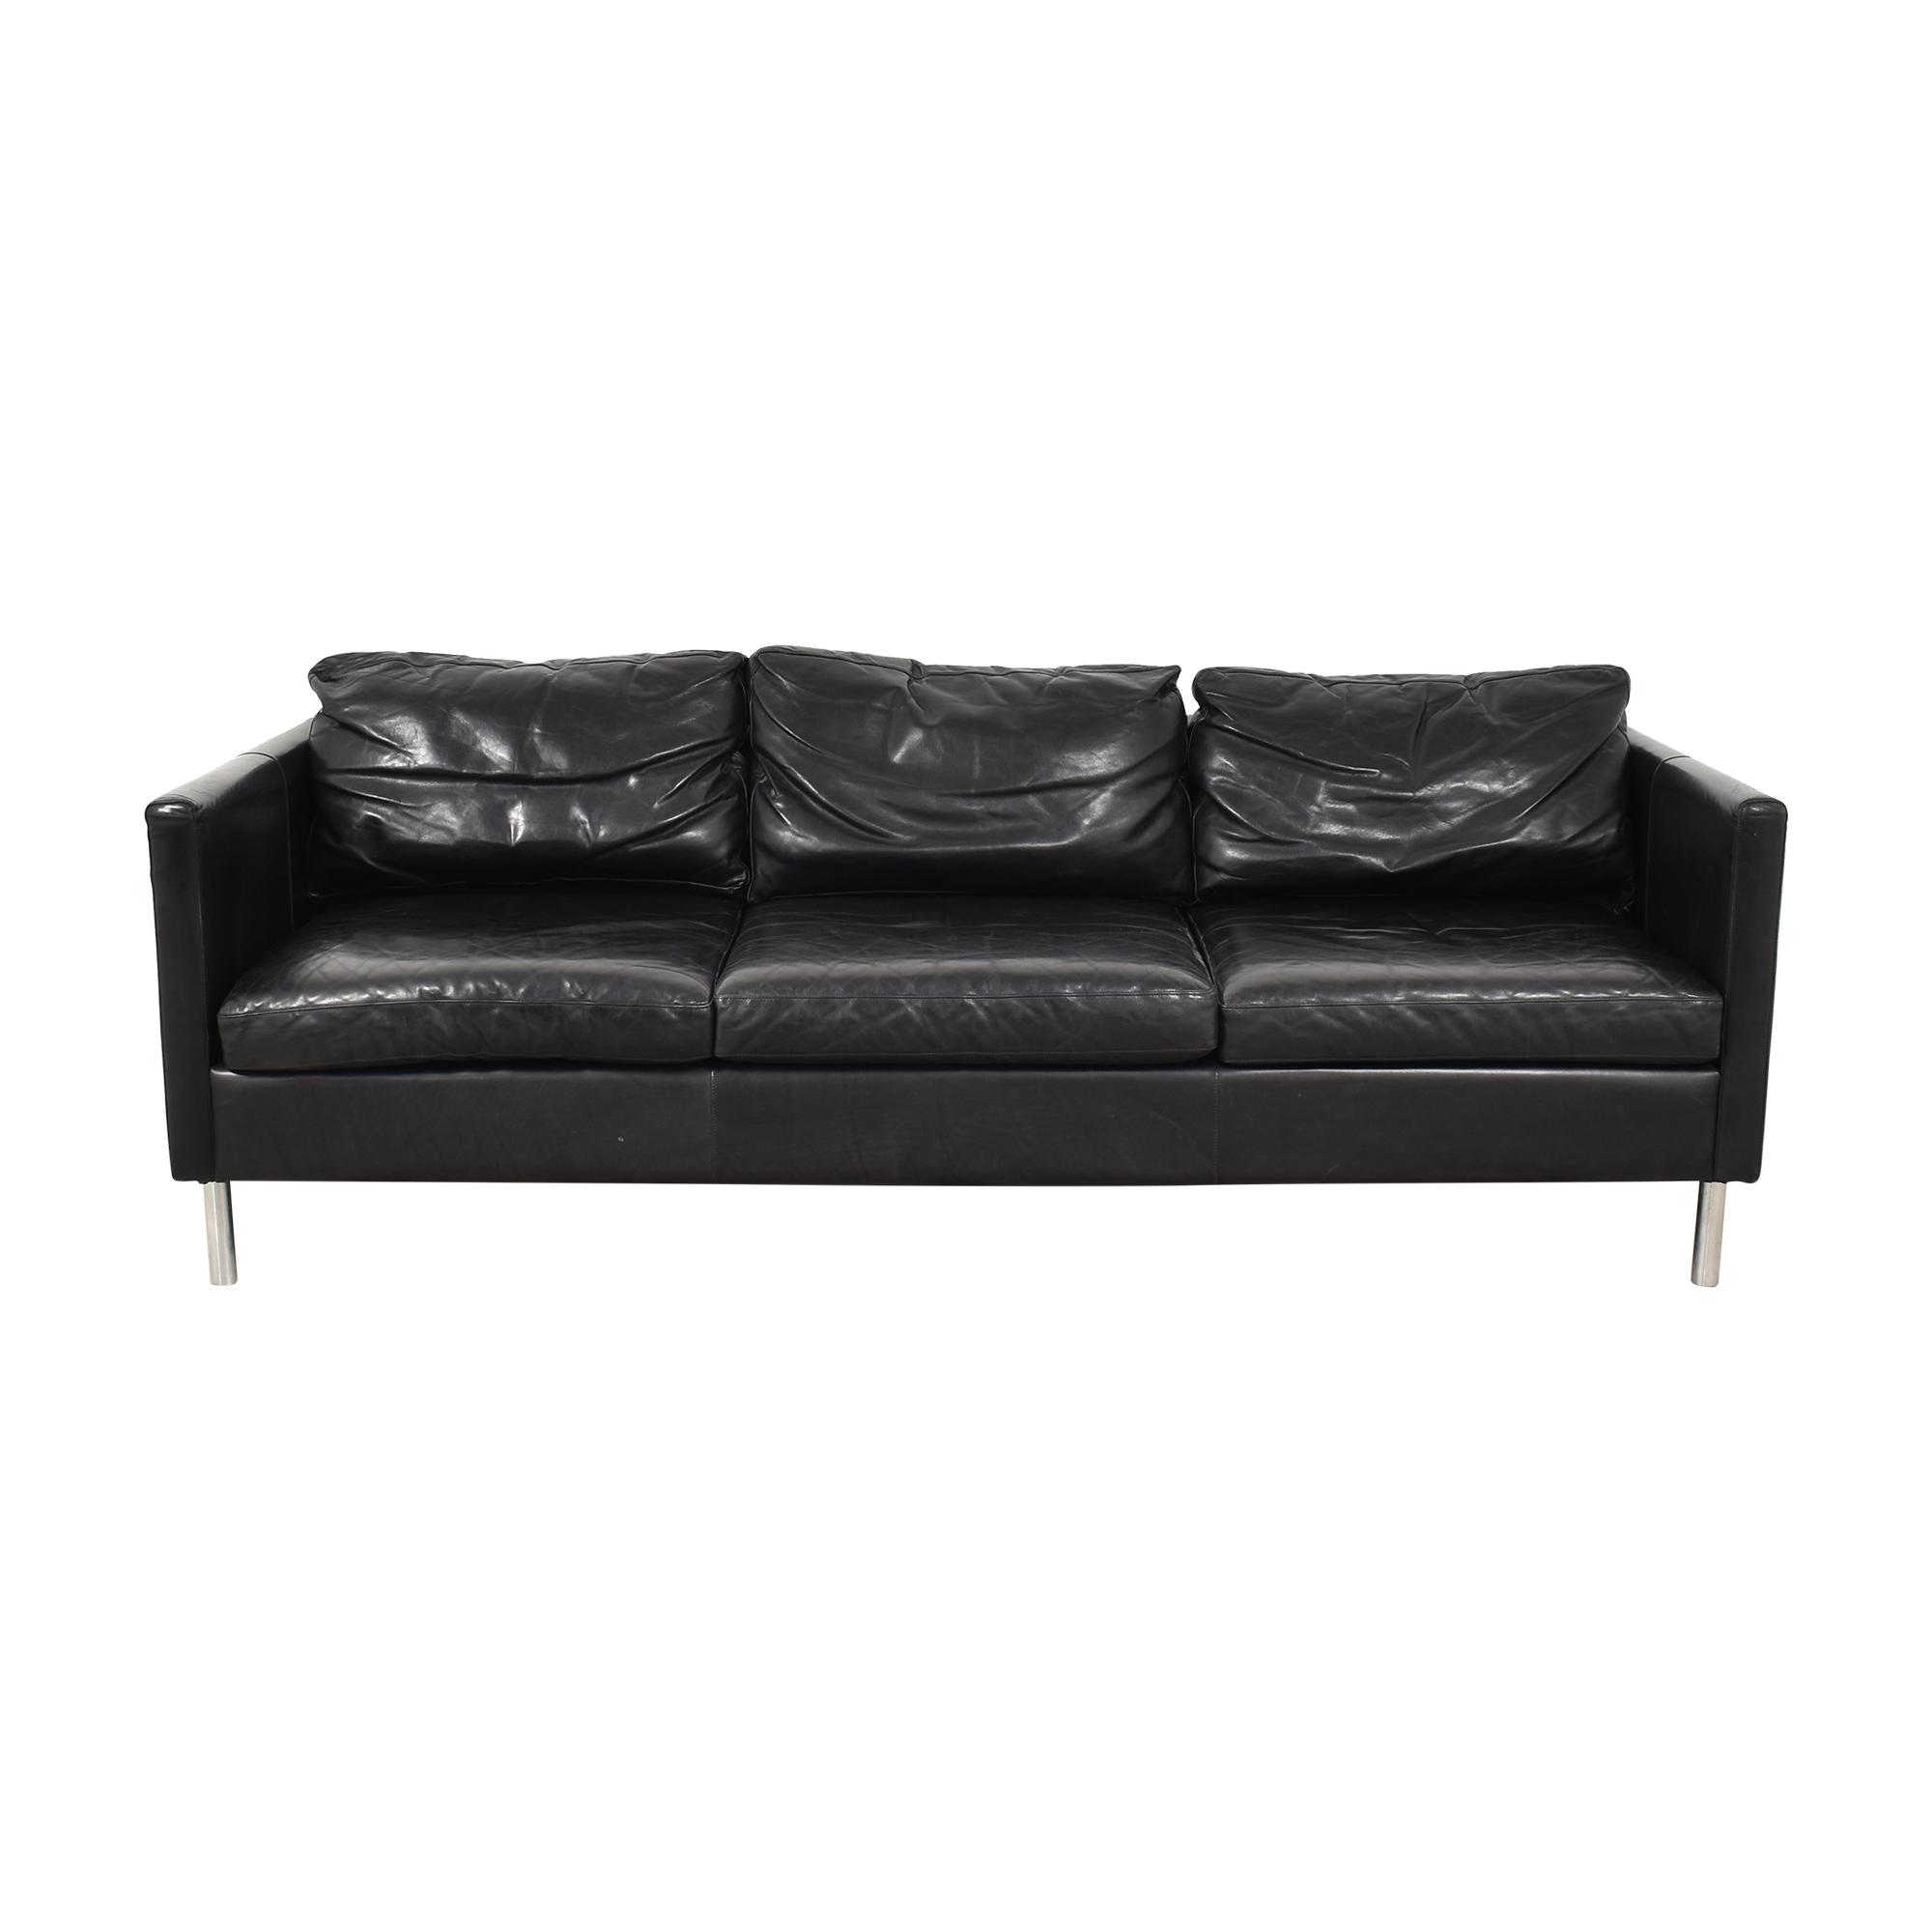 Room & Board Room & Board Mid-Century Three-Cushion Sofa nj